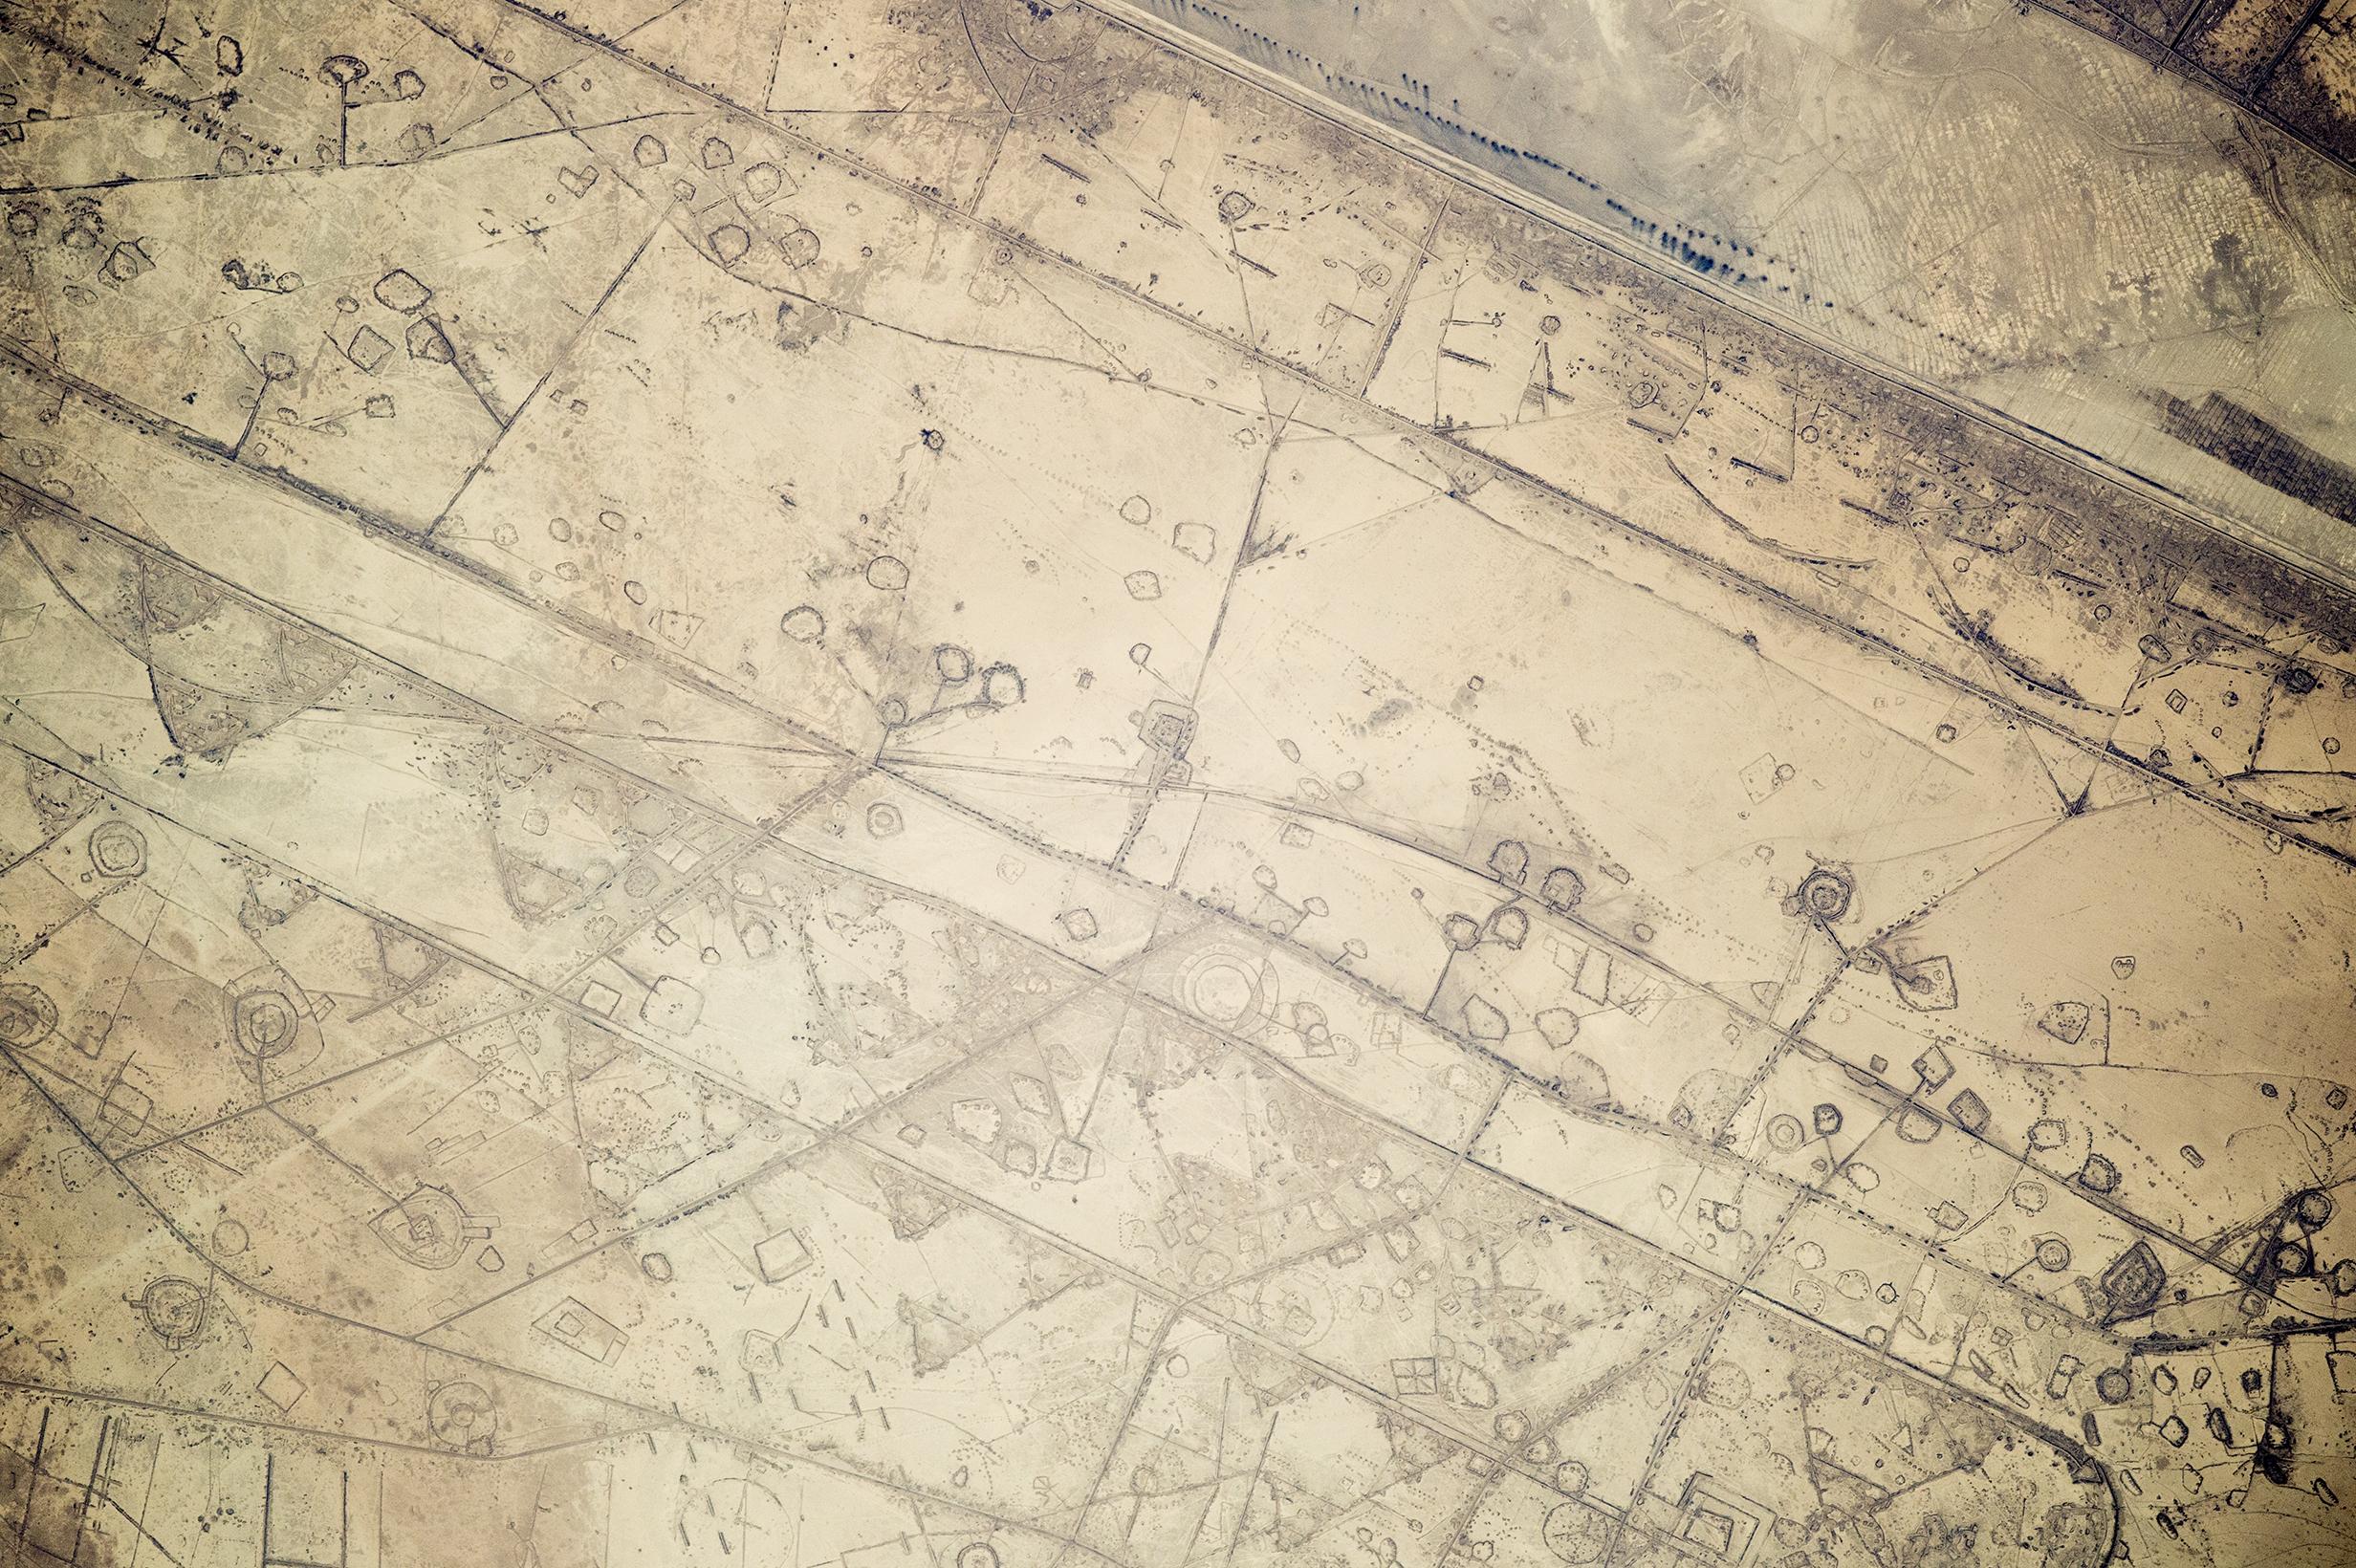 Σχέδια οχύρωσης στα σύνορα Ιράκ-Ιράν